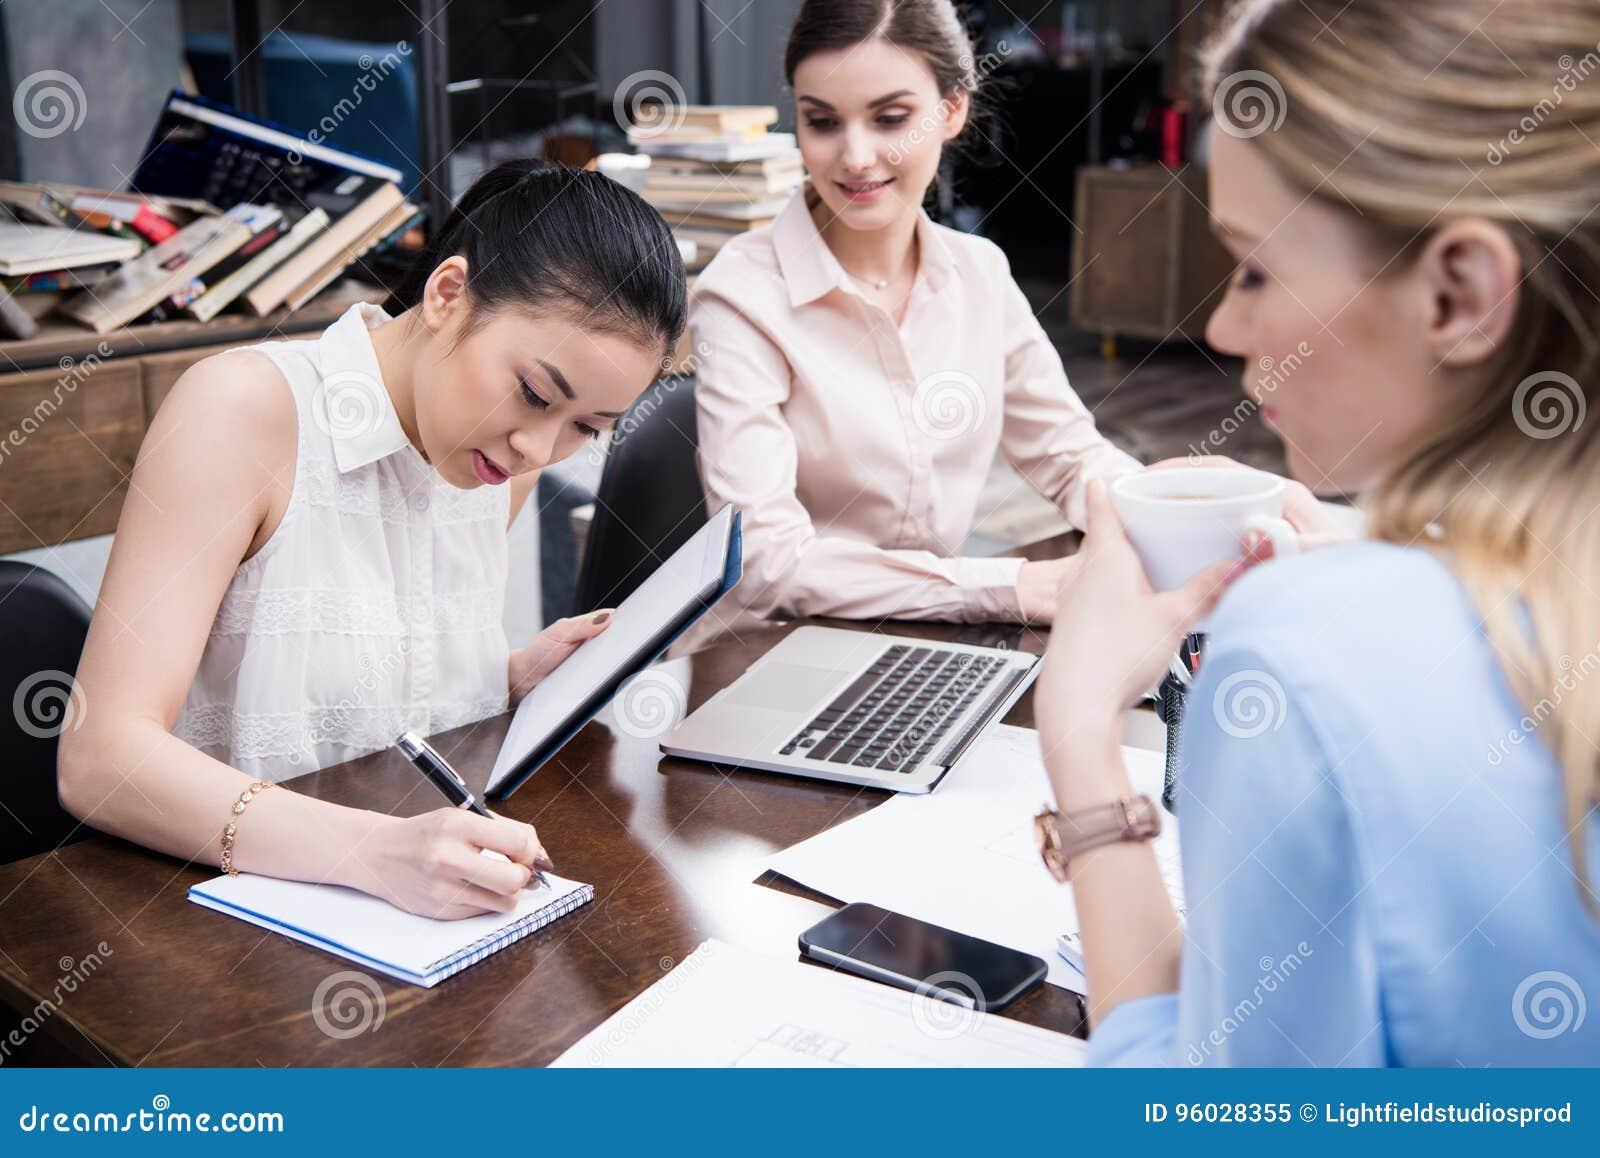 Azjatycki bizneswomanu writing coś w notepad podczas gdy jej koledzy pracuje blisko w nowożytnym biurze